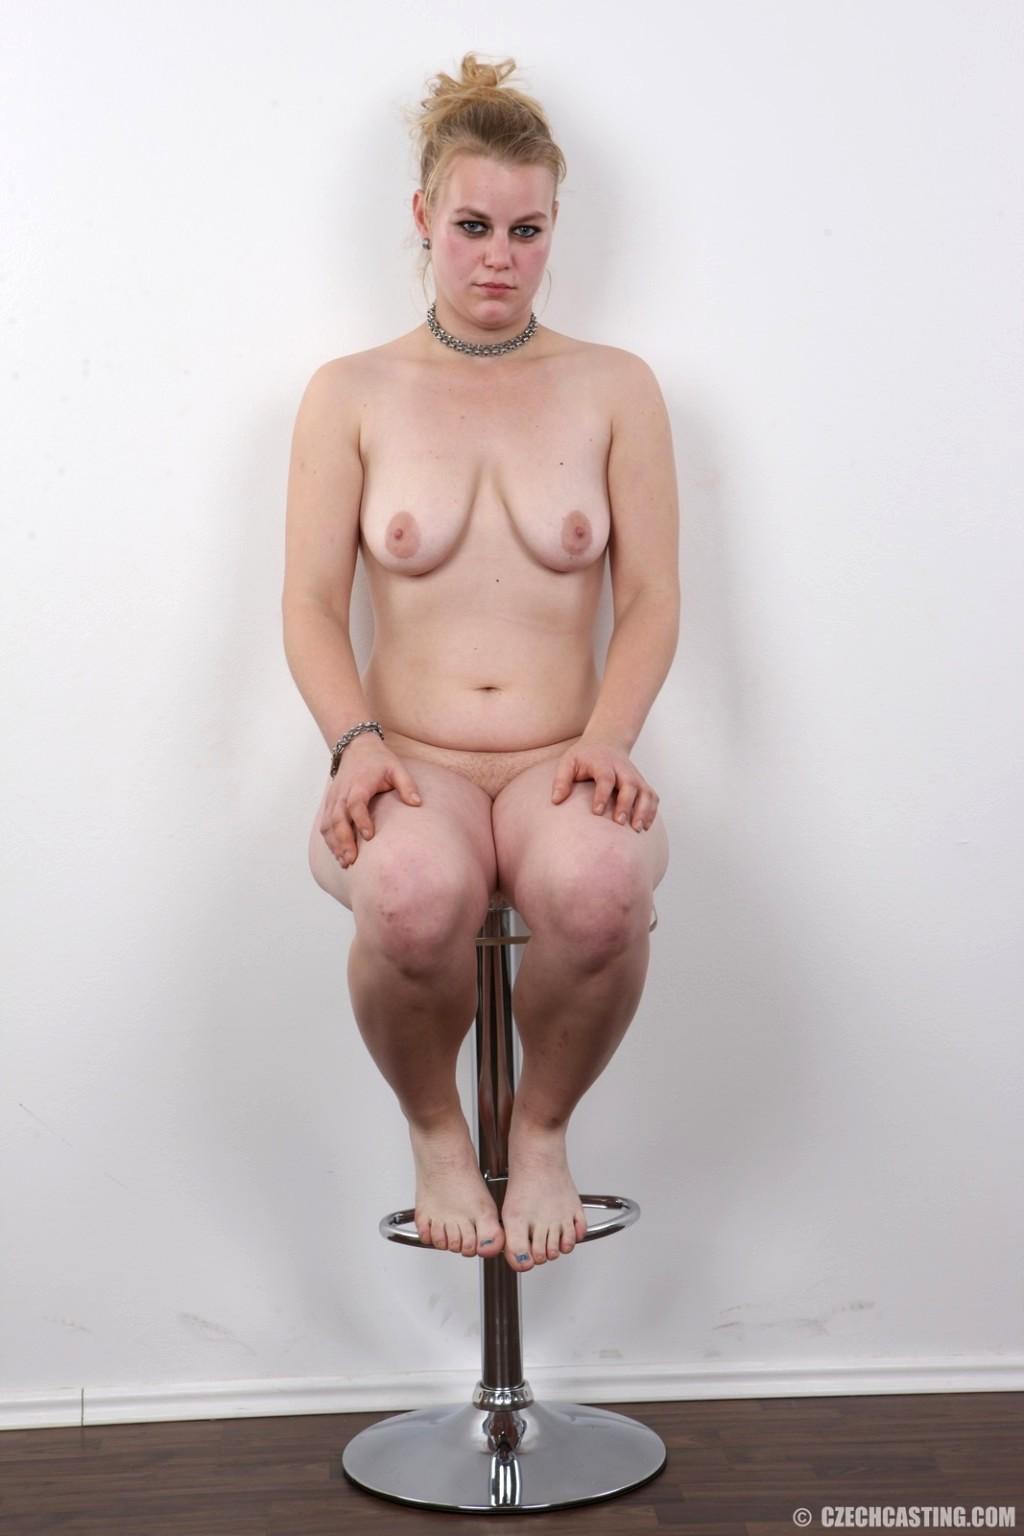 video porno lesb videoporn italiano